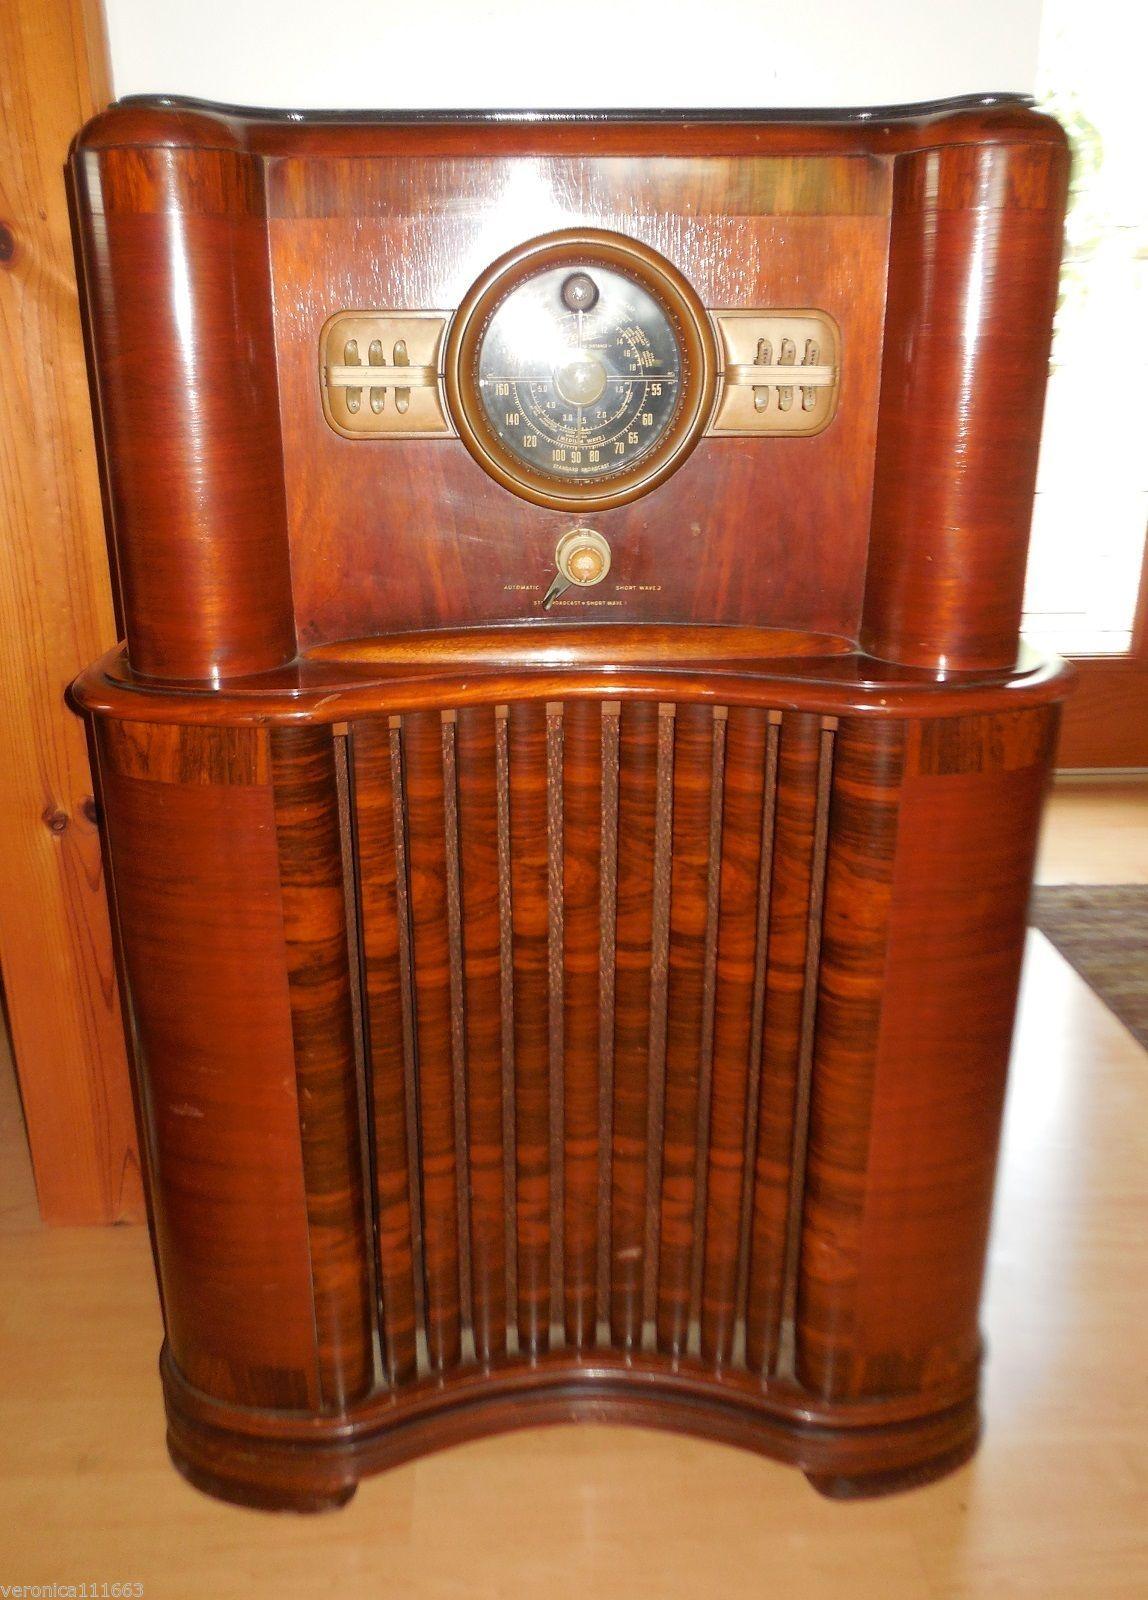 Details Genuine Zenith Console Radio Vintage 1940